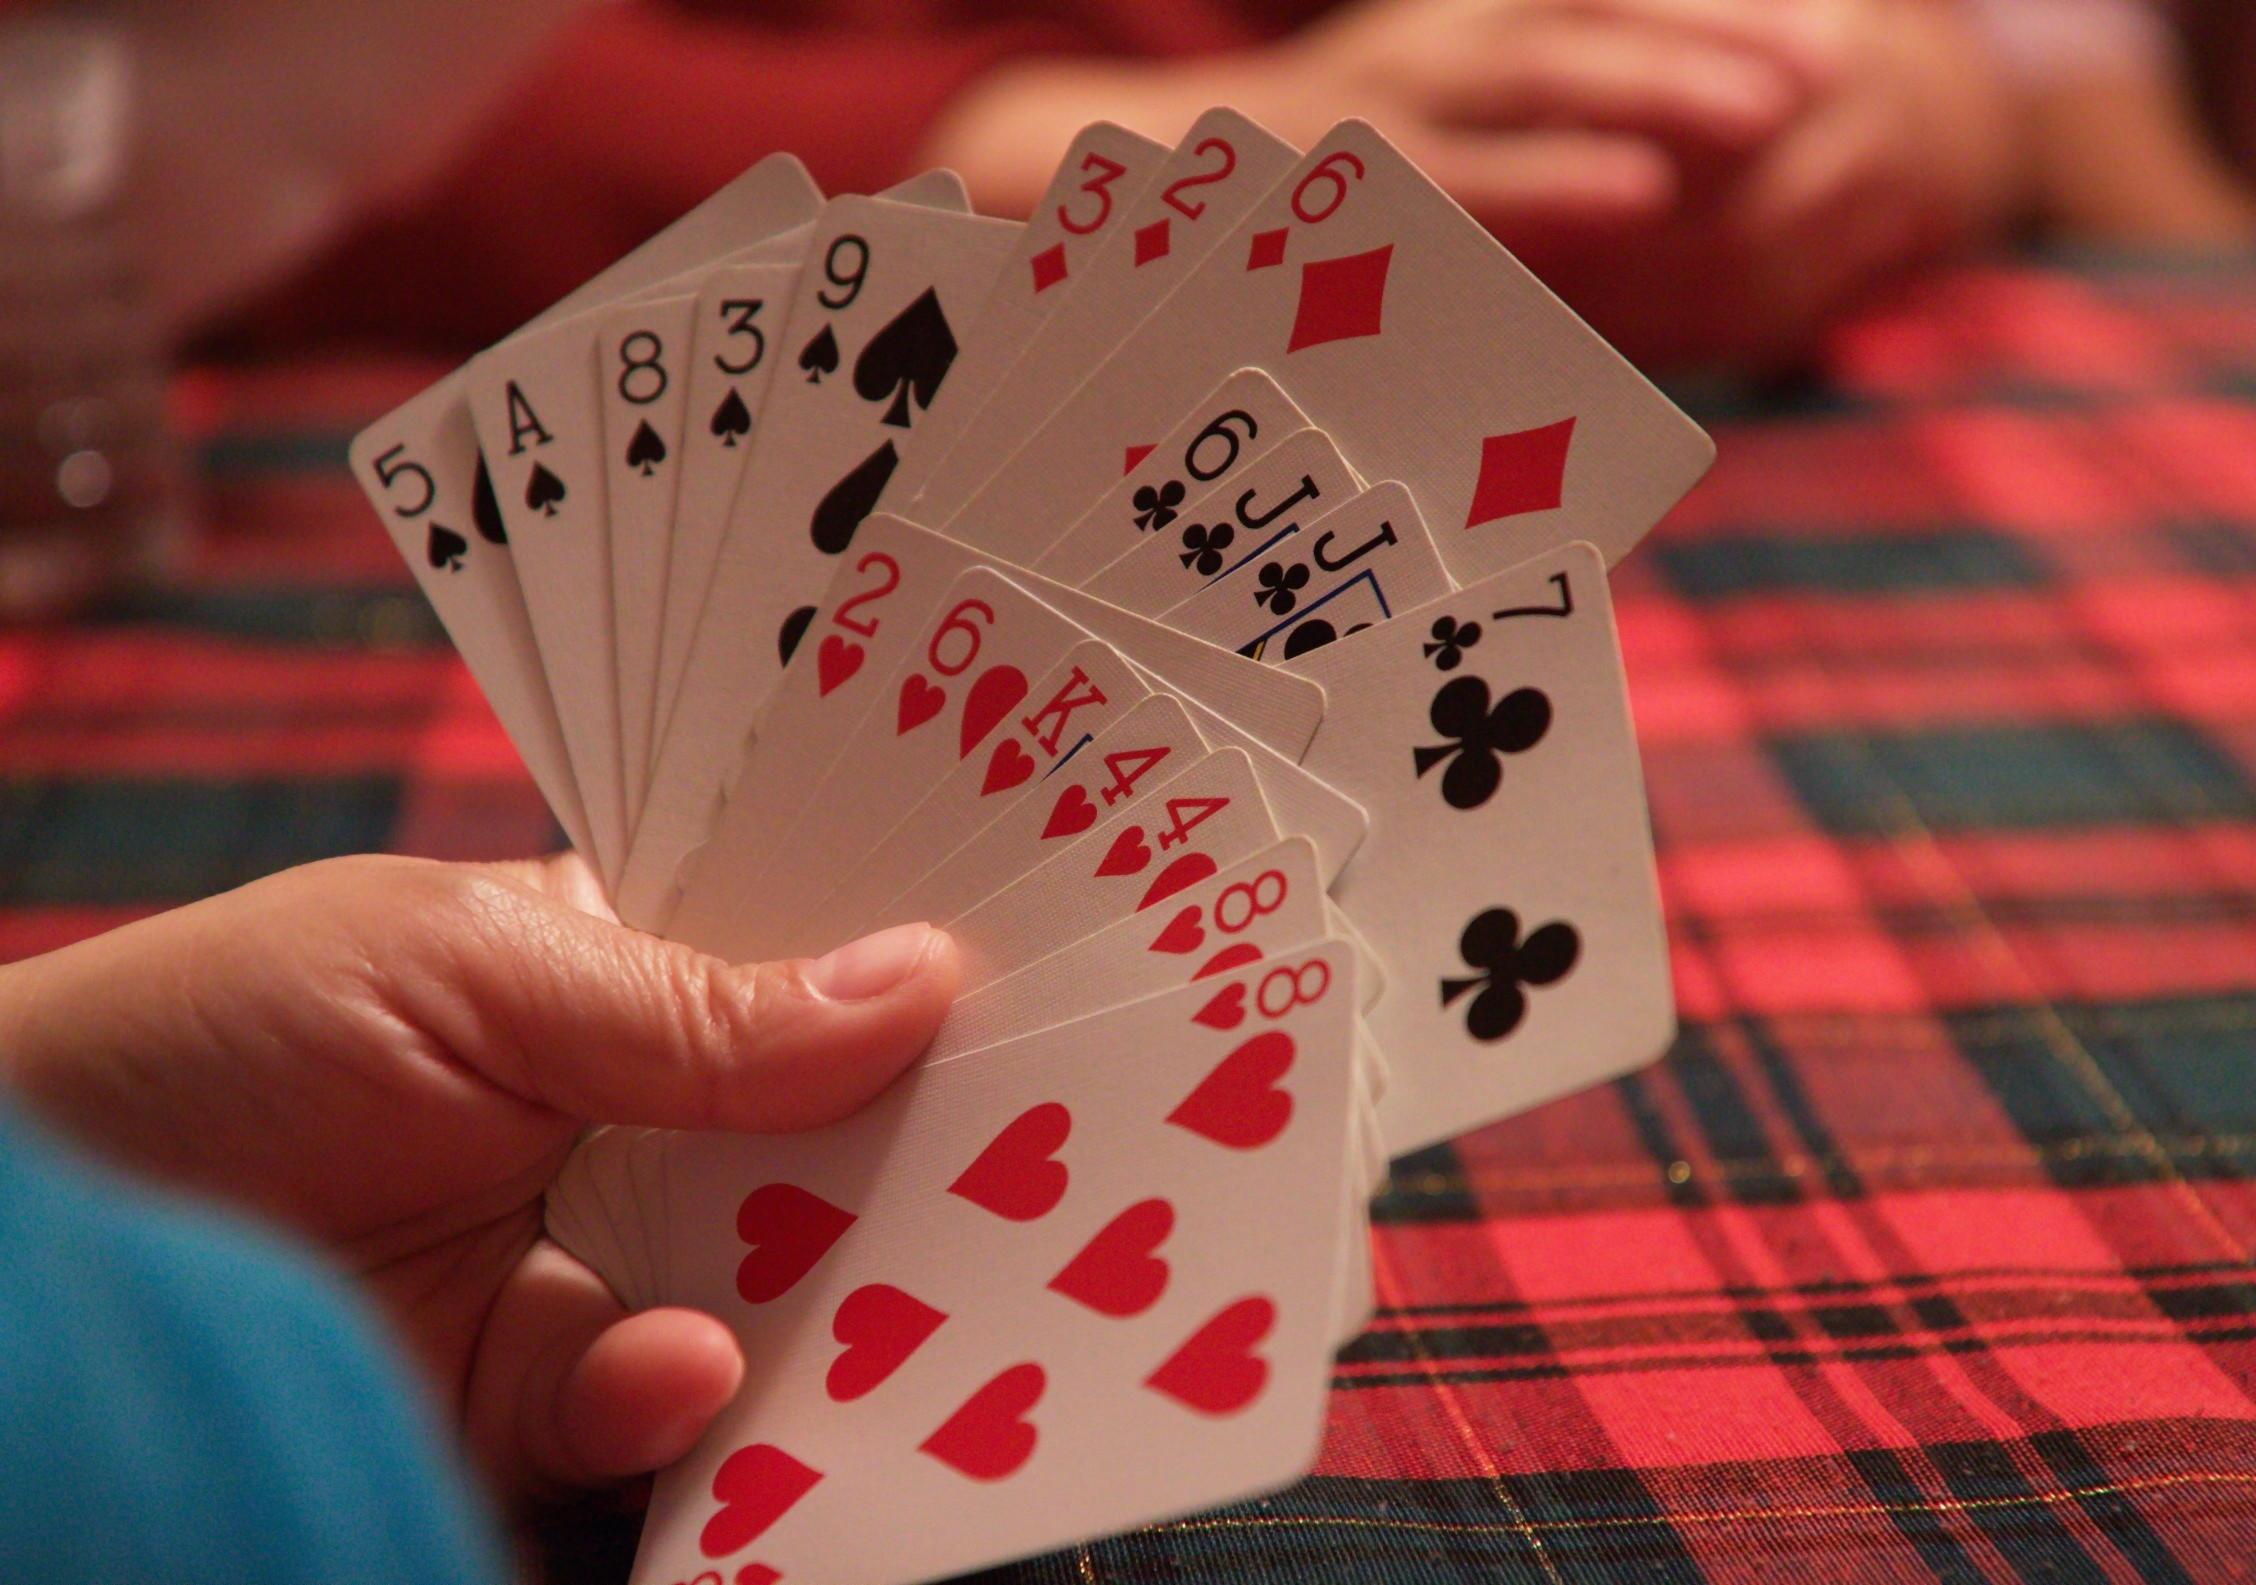 35 Free spins casino at Royal Panda Casino